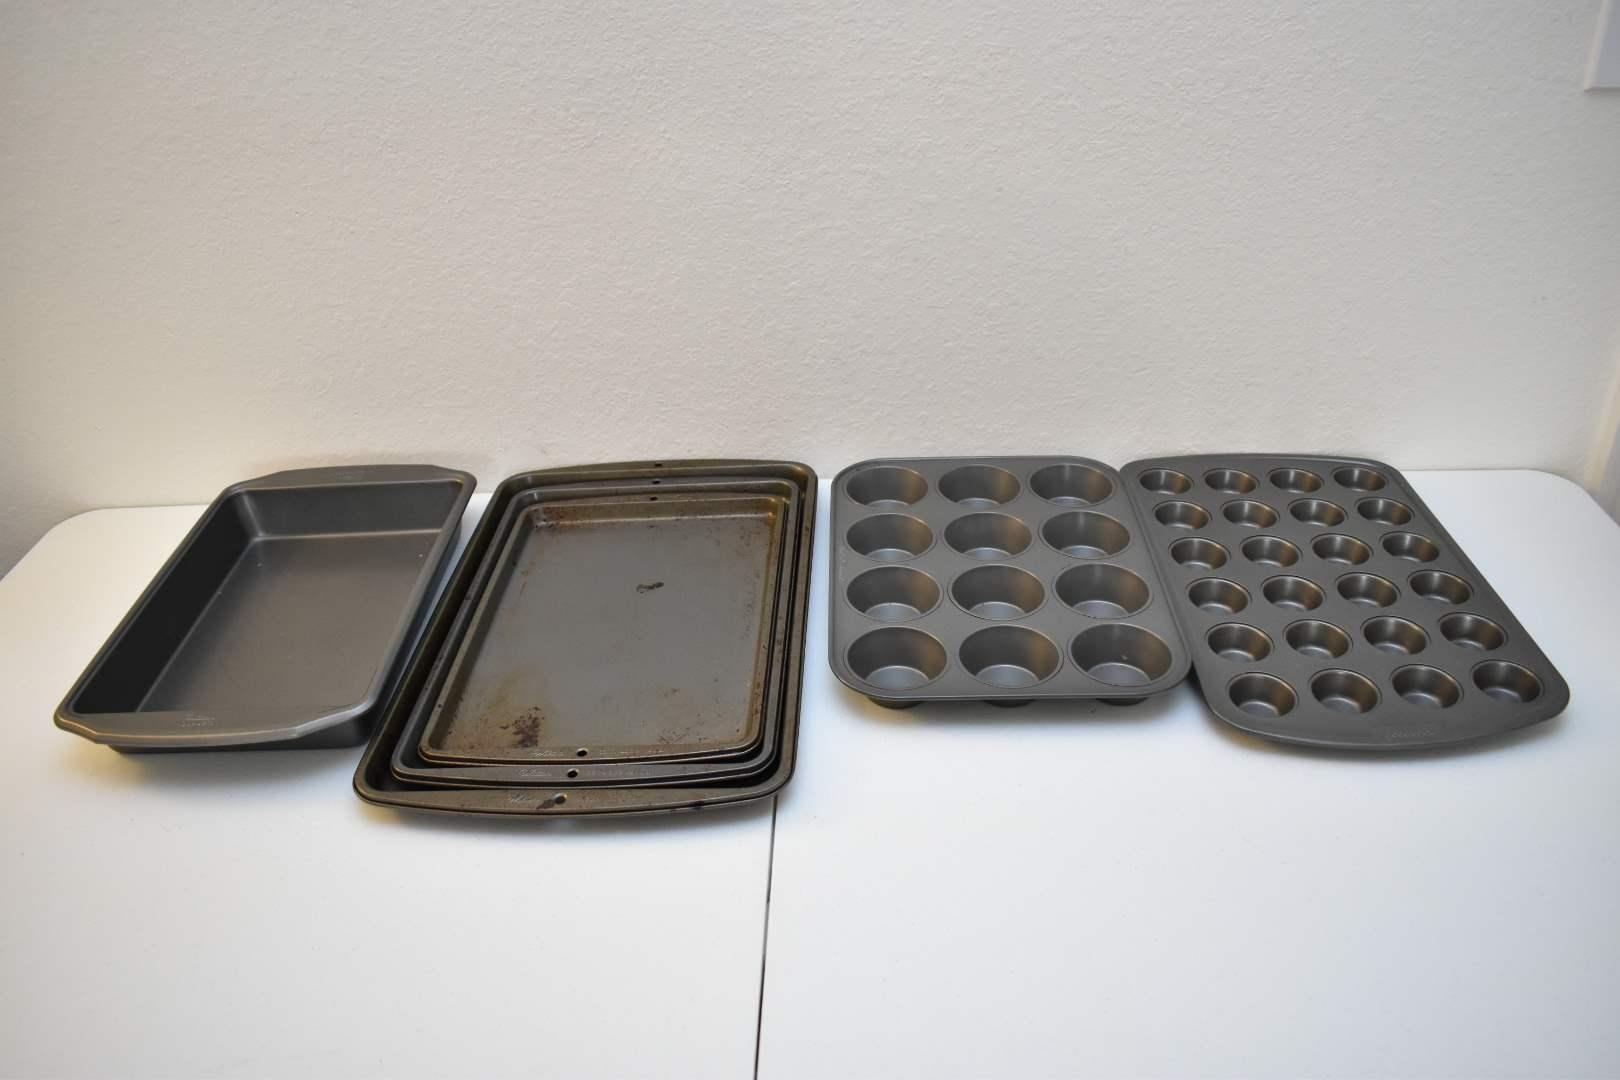 (3) Baking Sheets, (2) Cupcake Pans, Baking Pan